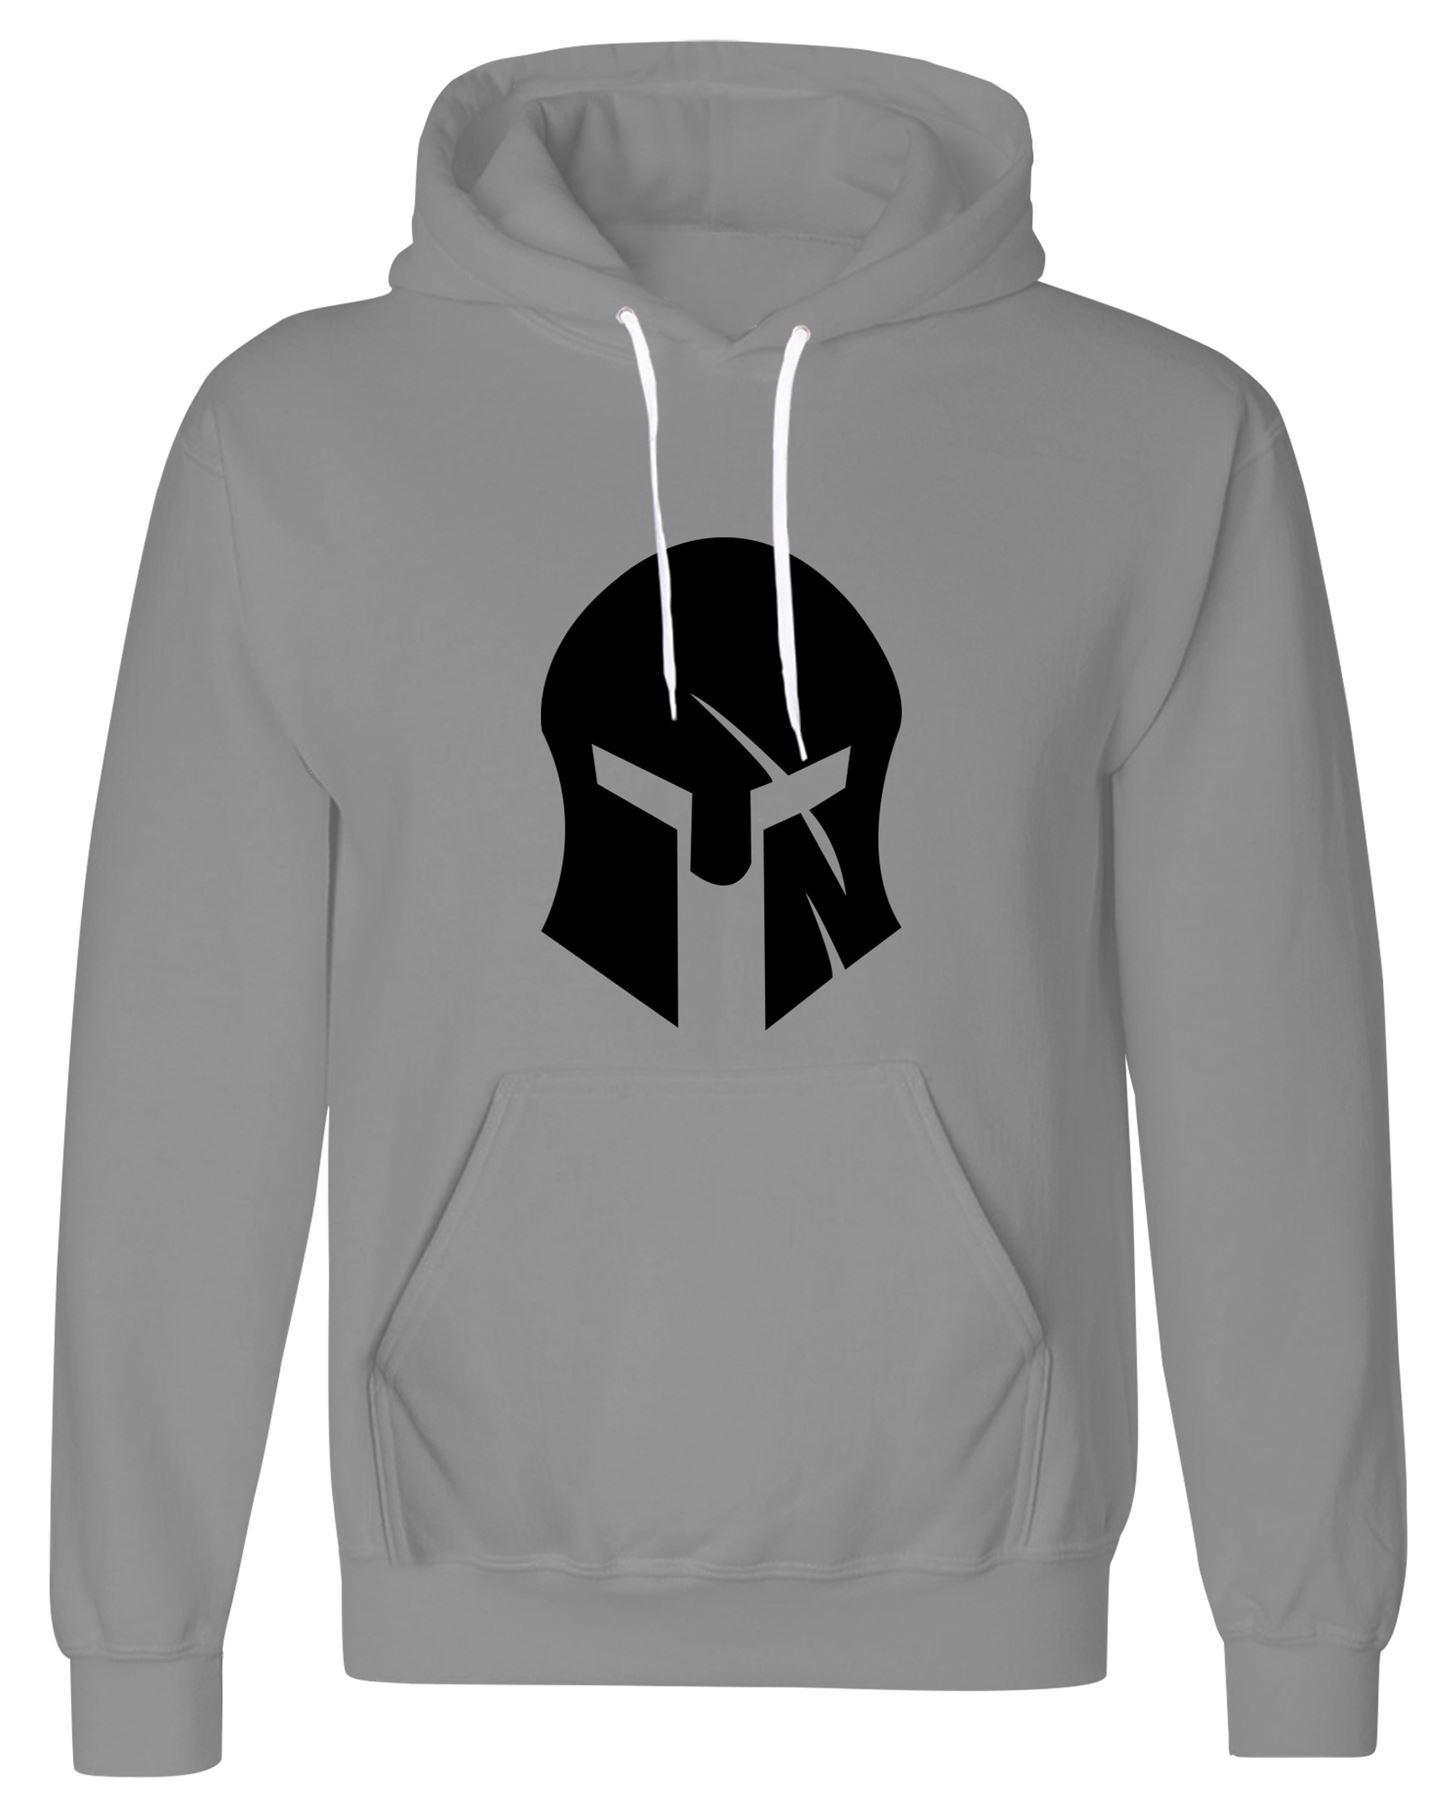 Warrior hoodie